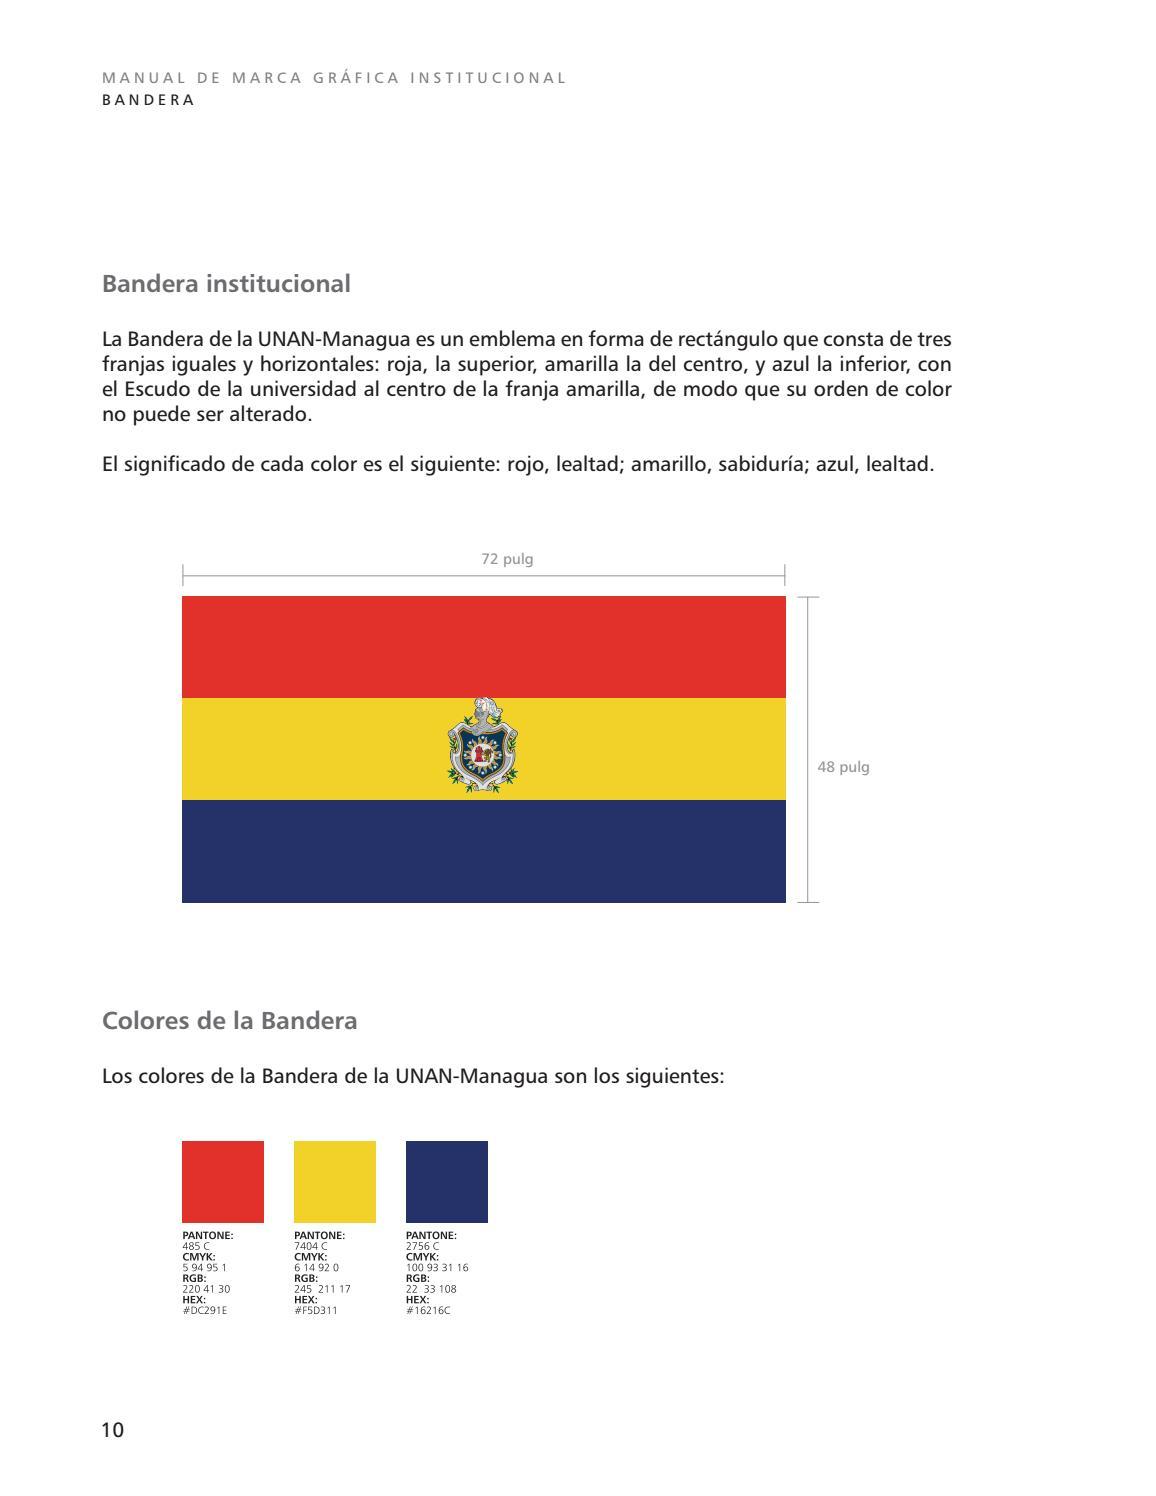 significado de colores de la bandera de nicaragua